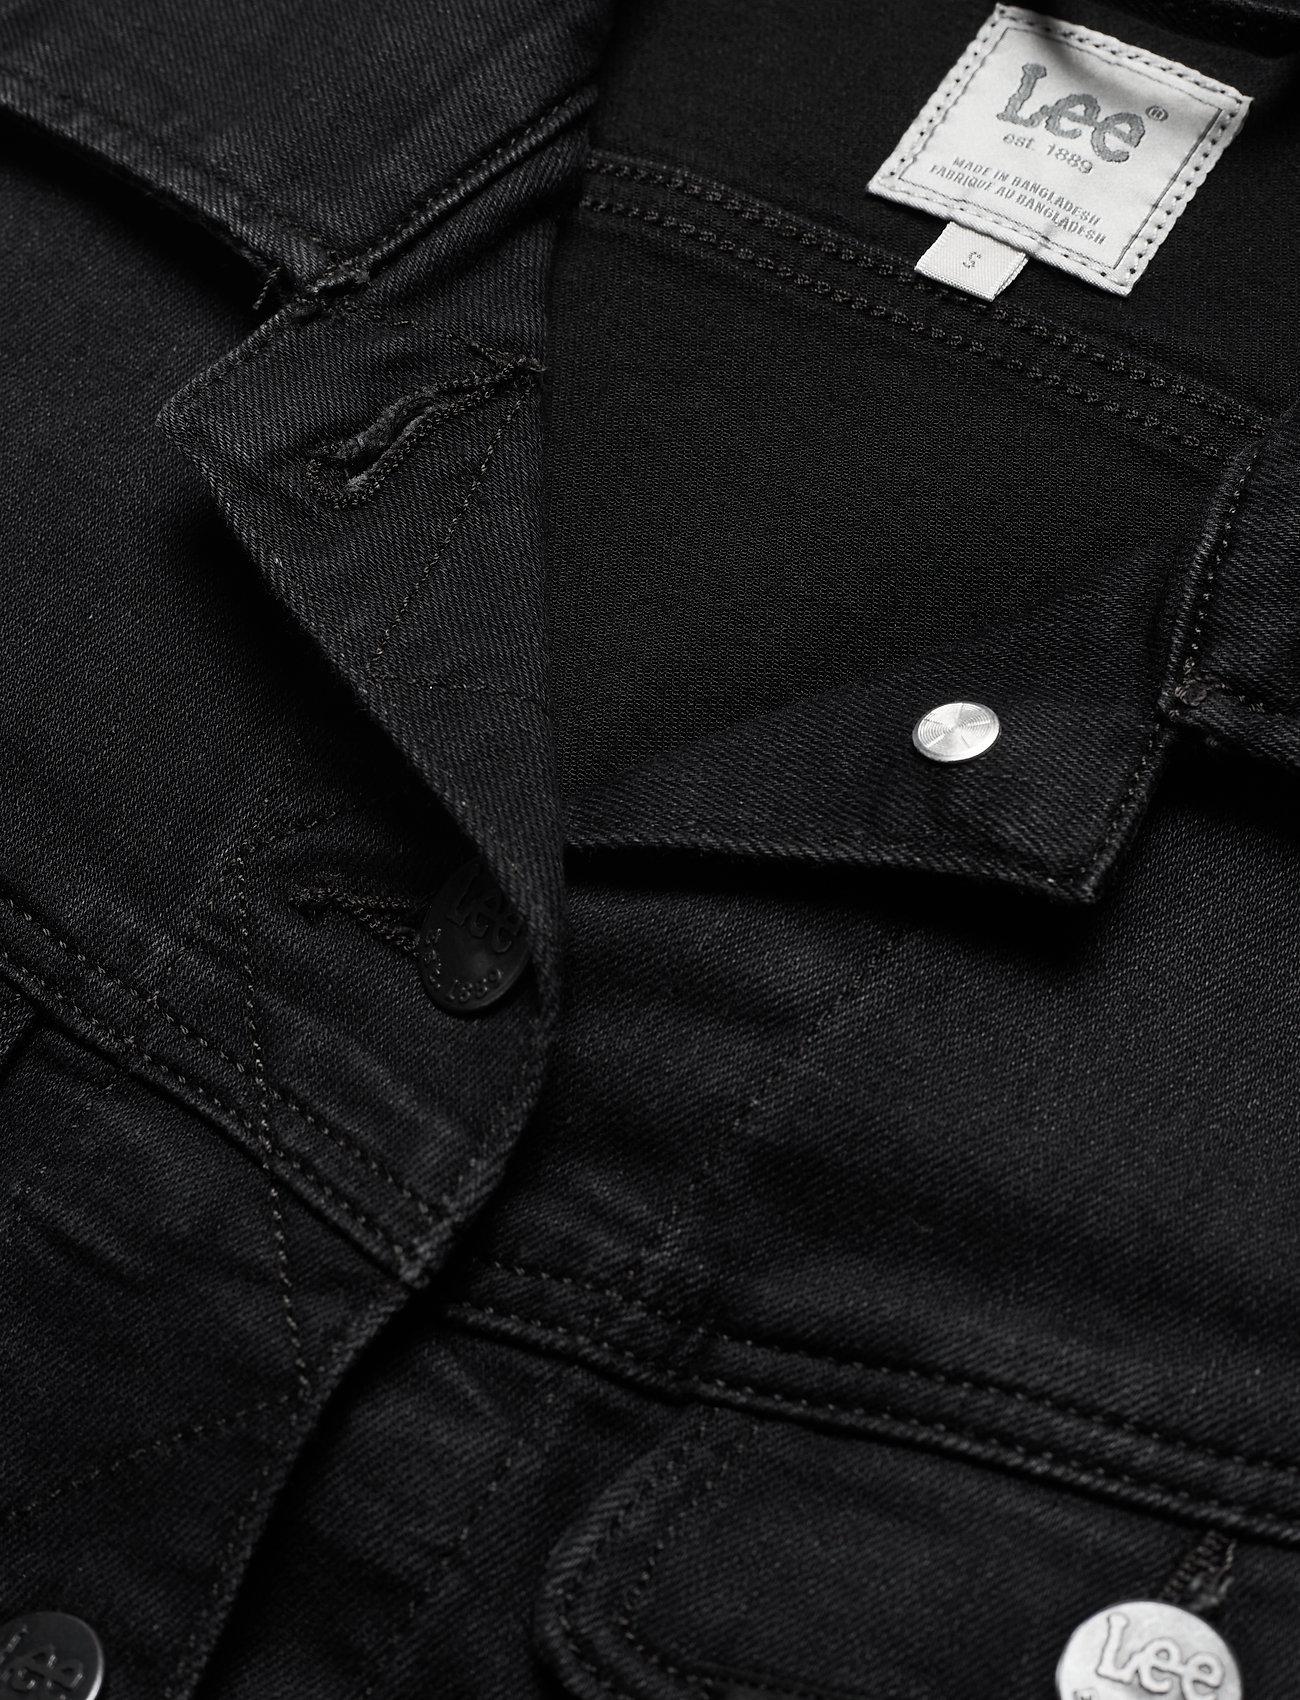 Lee Jeans SLIM RIDER - Kurtki i Płaszcze WASHED BLACK - Kobiety Odzież.